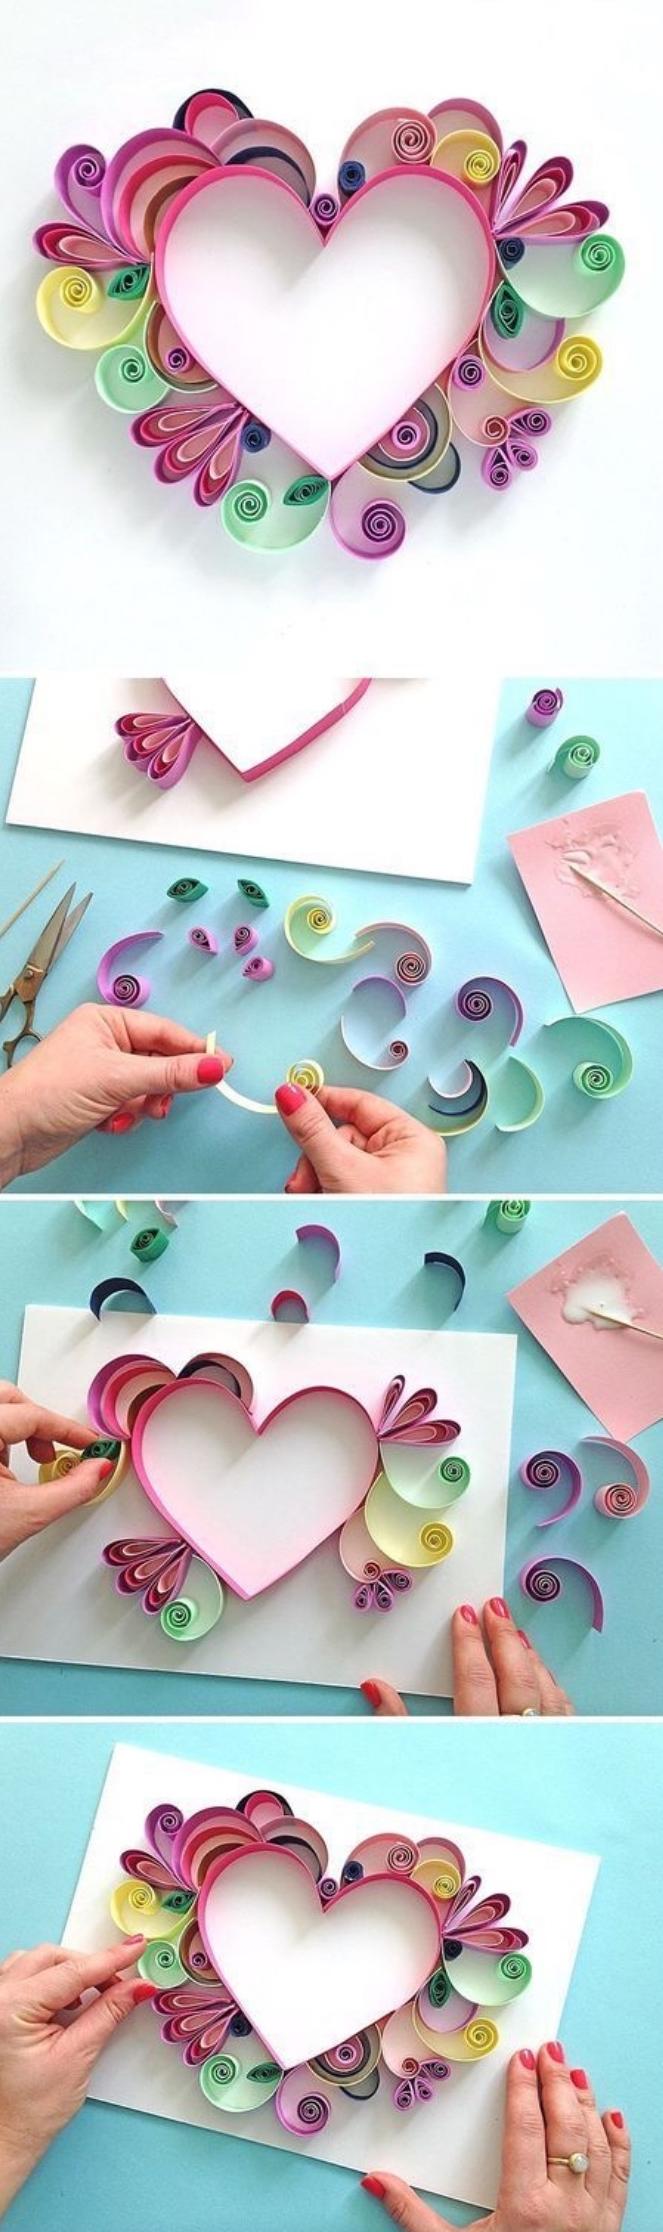 Bastelanleitungen zu Ostern, Valentinstag oder Weinhanchtsbasteln Kinder haben Spaß mit Quilling, Herz falten aus Papier